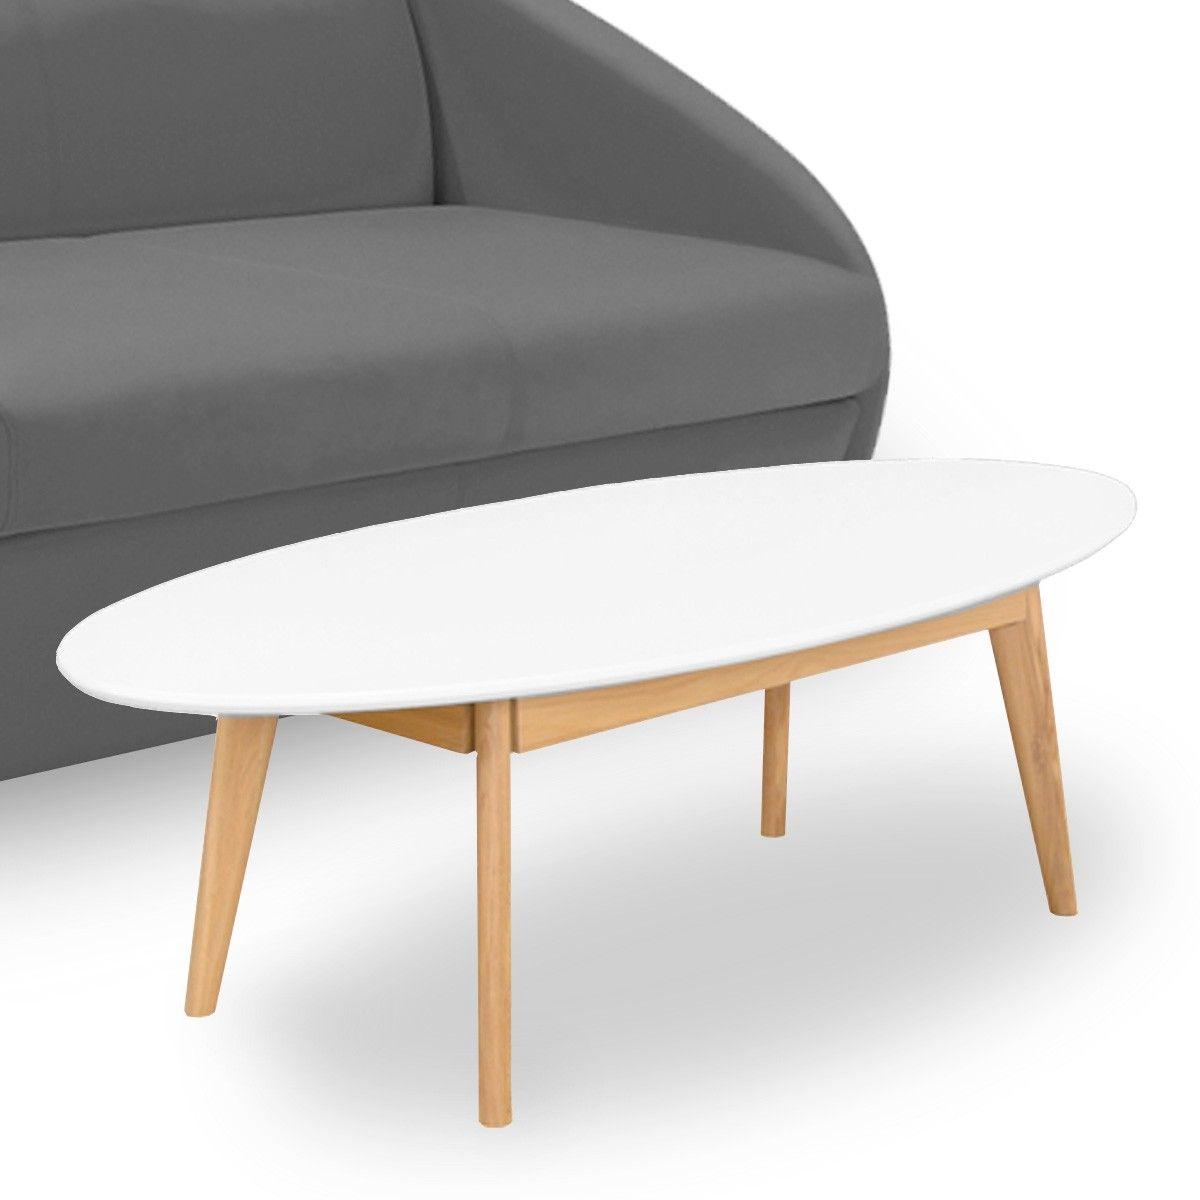 Table Basse Vintage Scandinave Blanche Atwebster Fr Maison Et